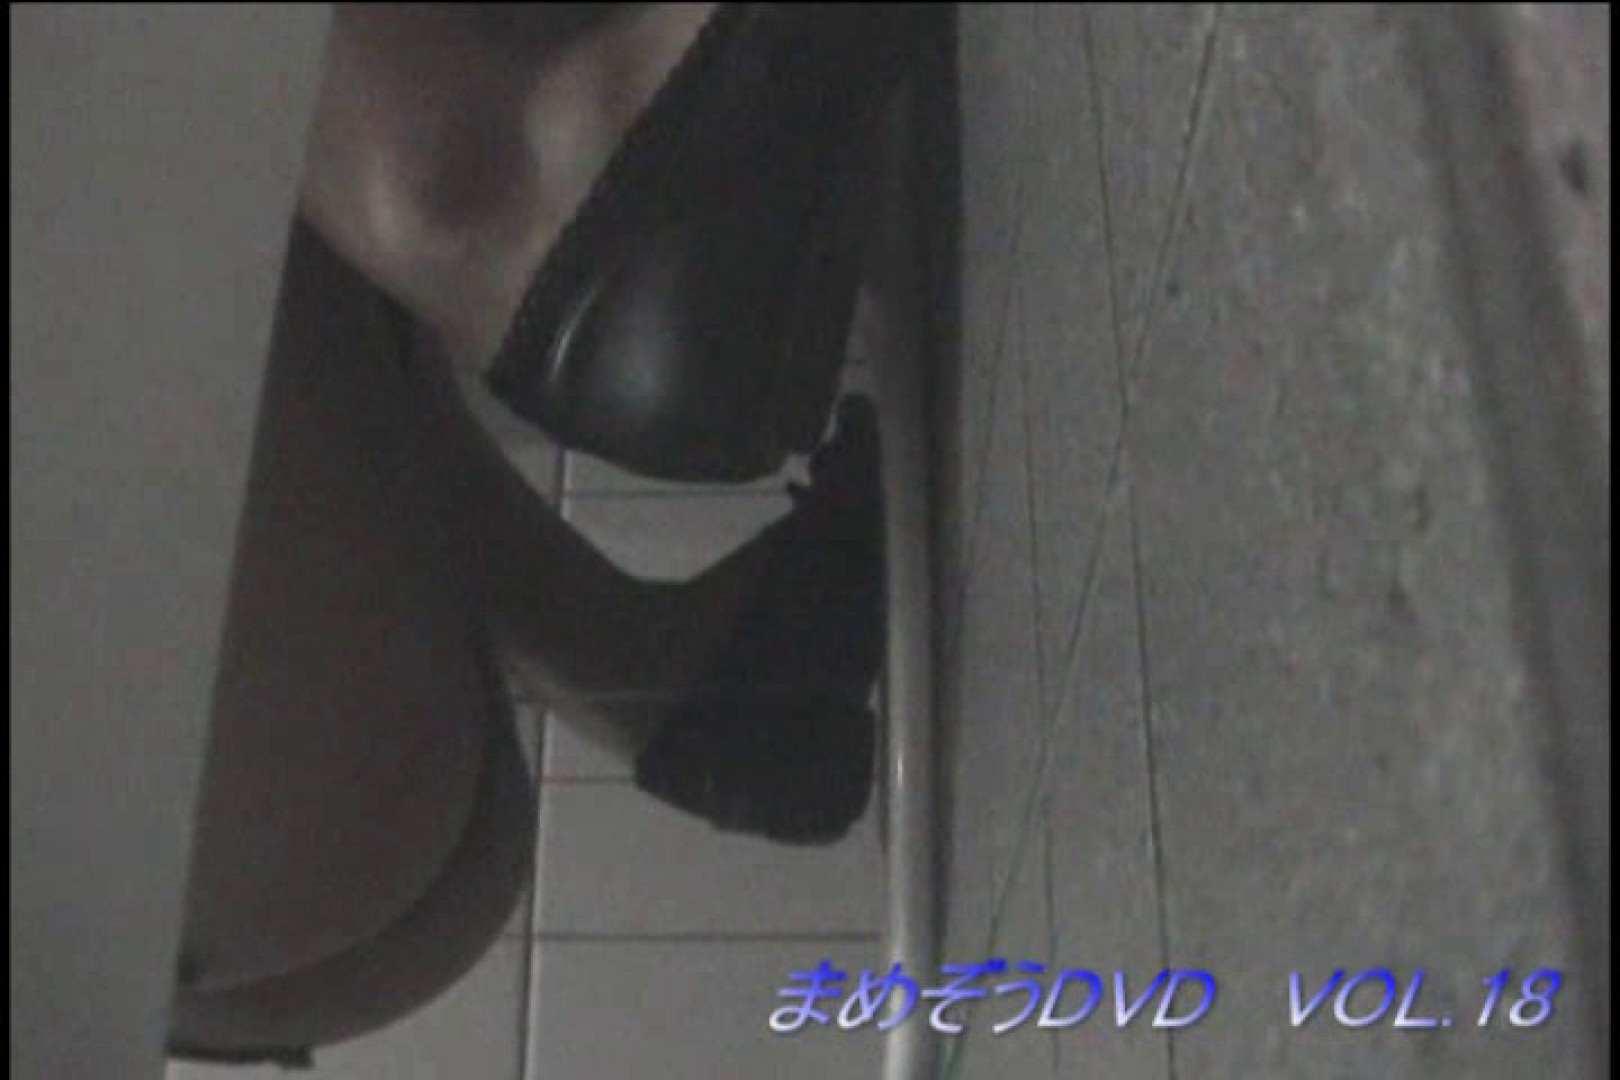 まめぞうDVD完全版VOL.18 ギャル盗撮映像   OLのボディ  76PIX 15